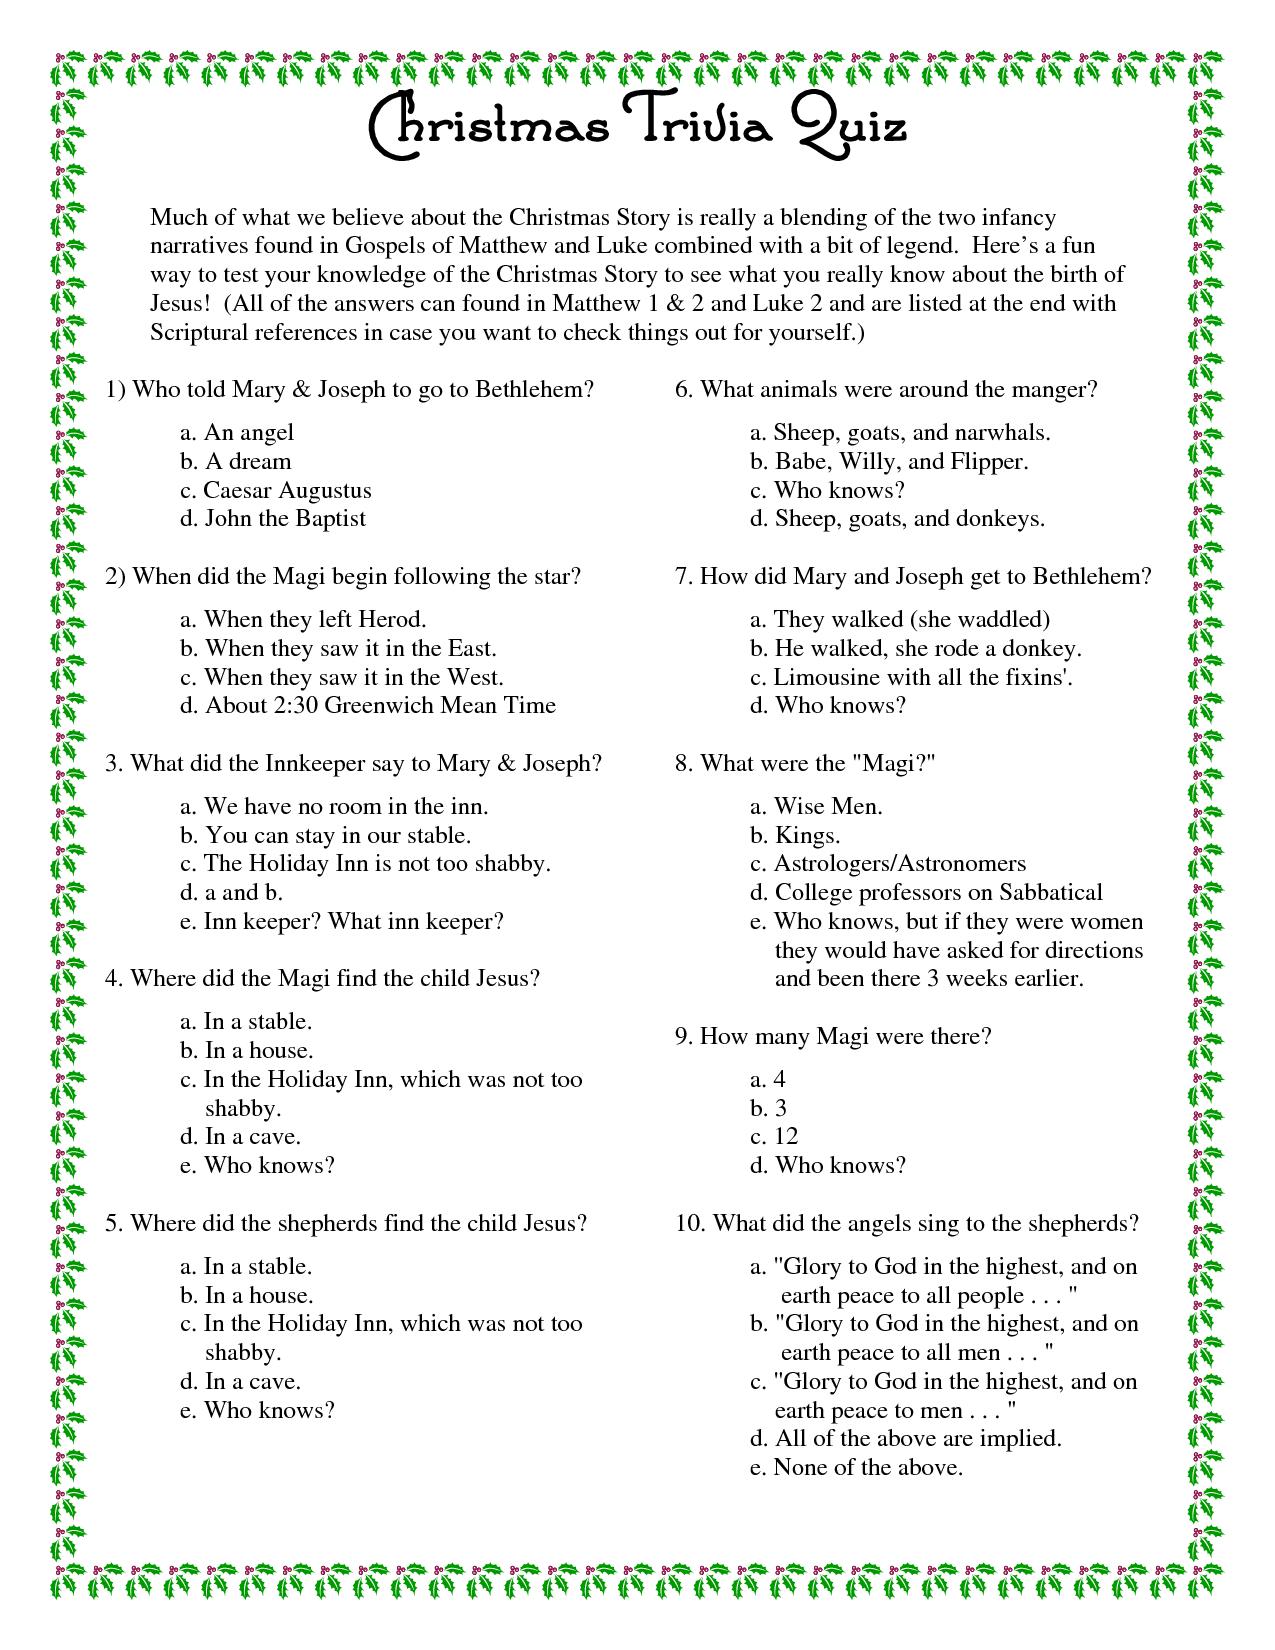 Printable+Christmas+Trivia+Questions+And+Answers | Christmas